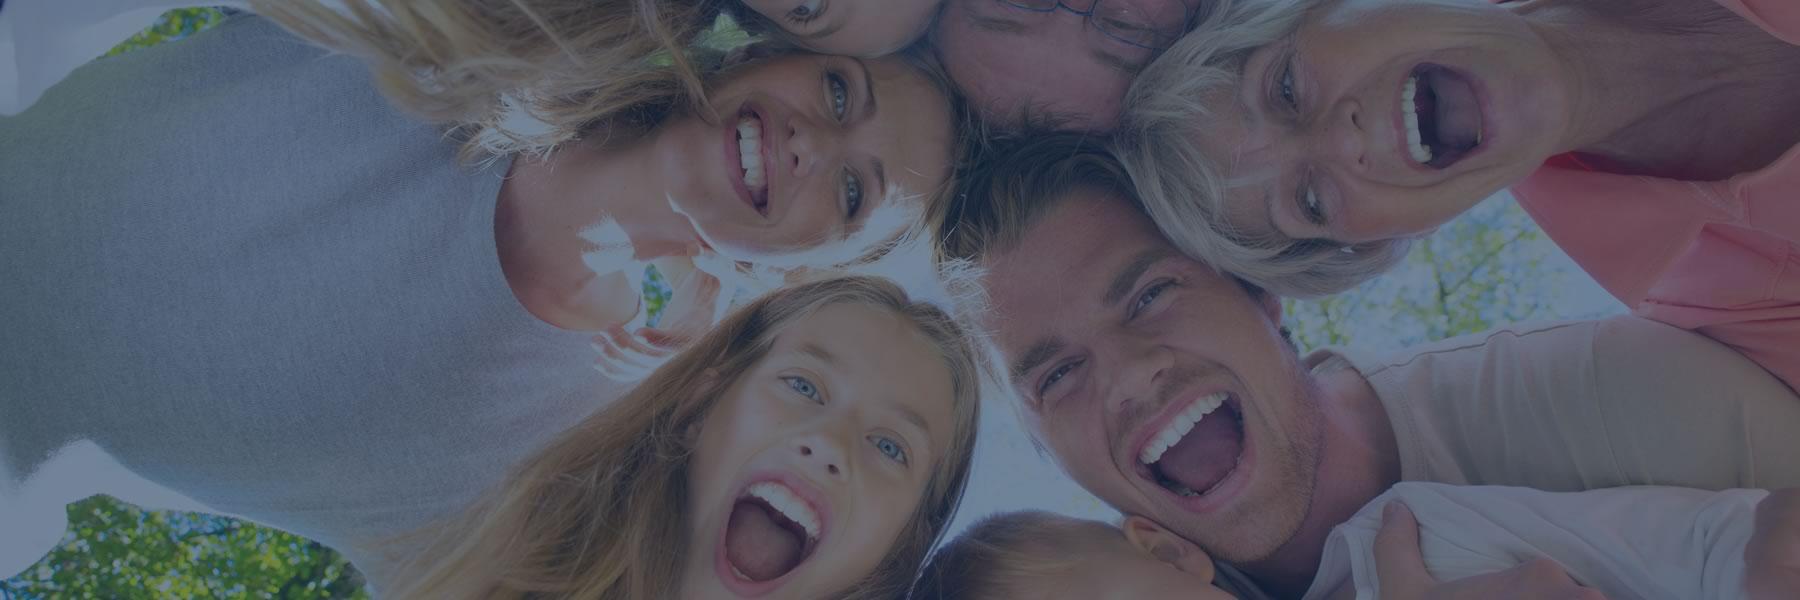 American Dental Group - Family Dental Care